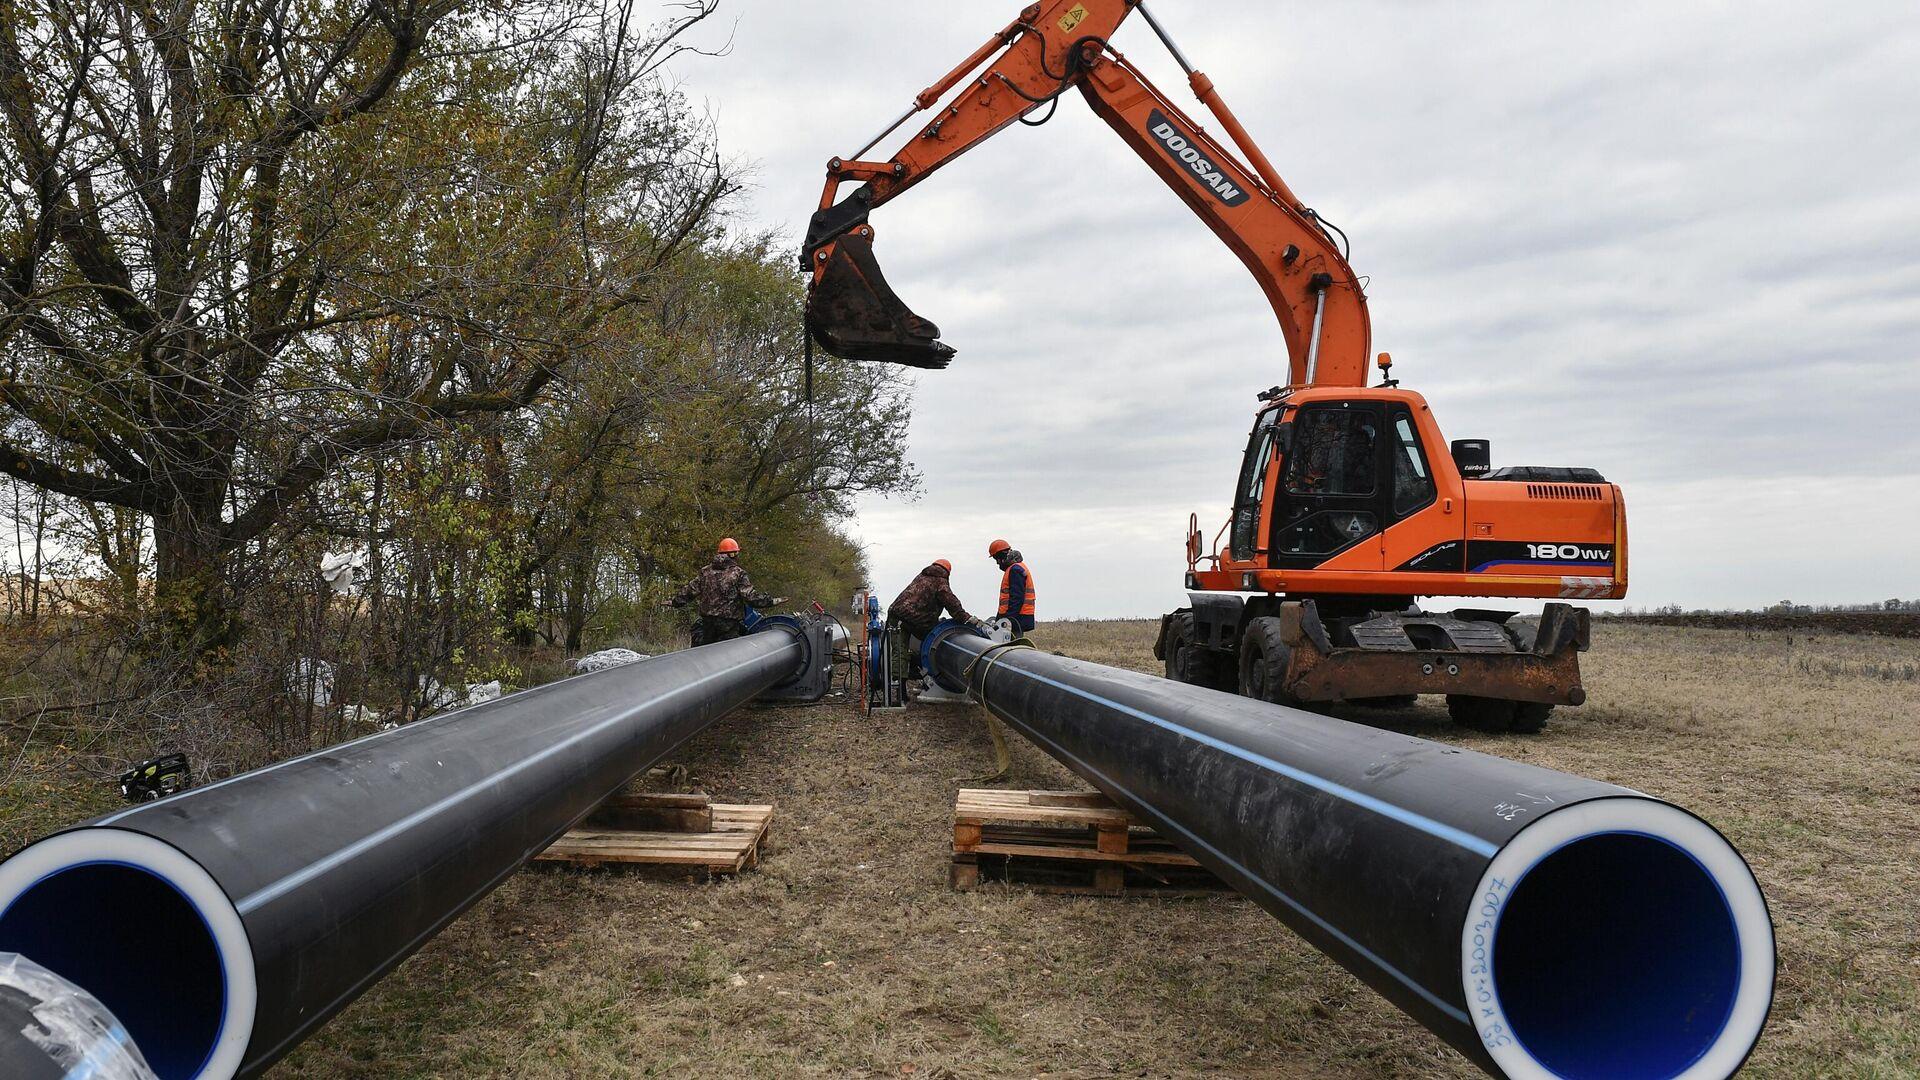 В Крыму началась укладка труб нового водовода для Симферополя - РИА Новости, 1920, 21.01.2021